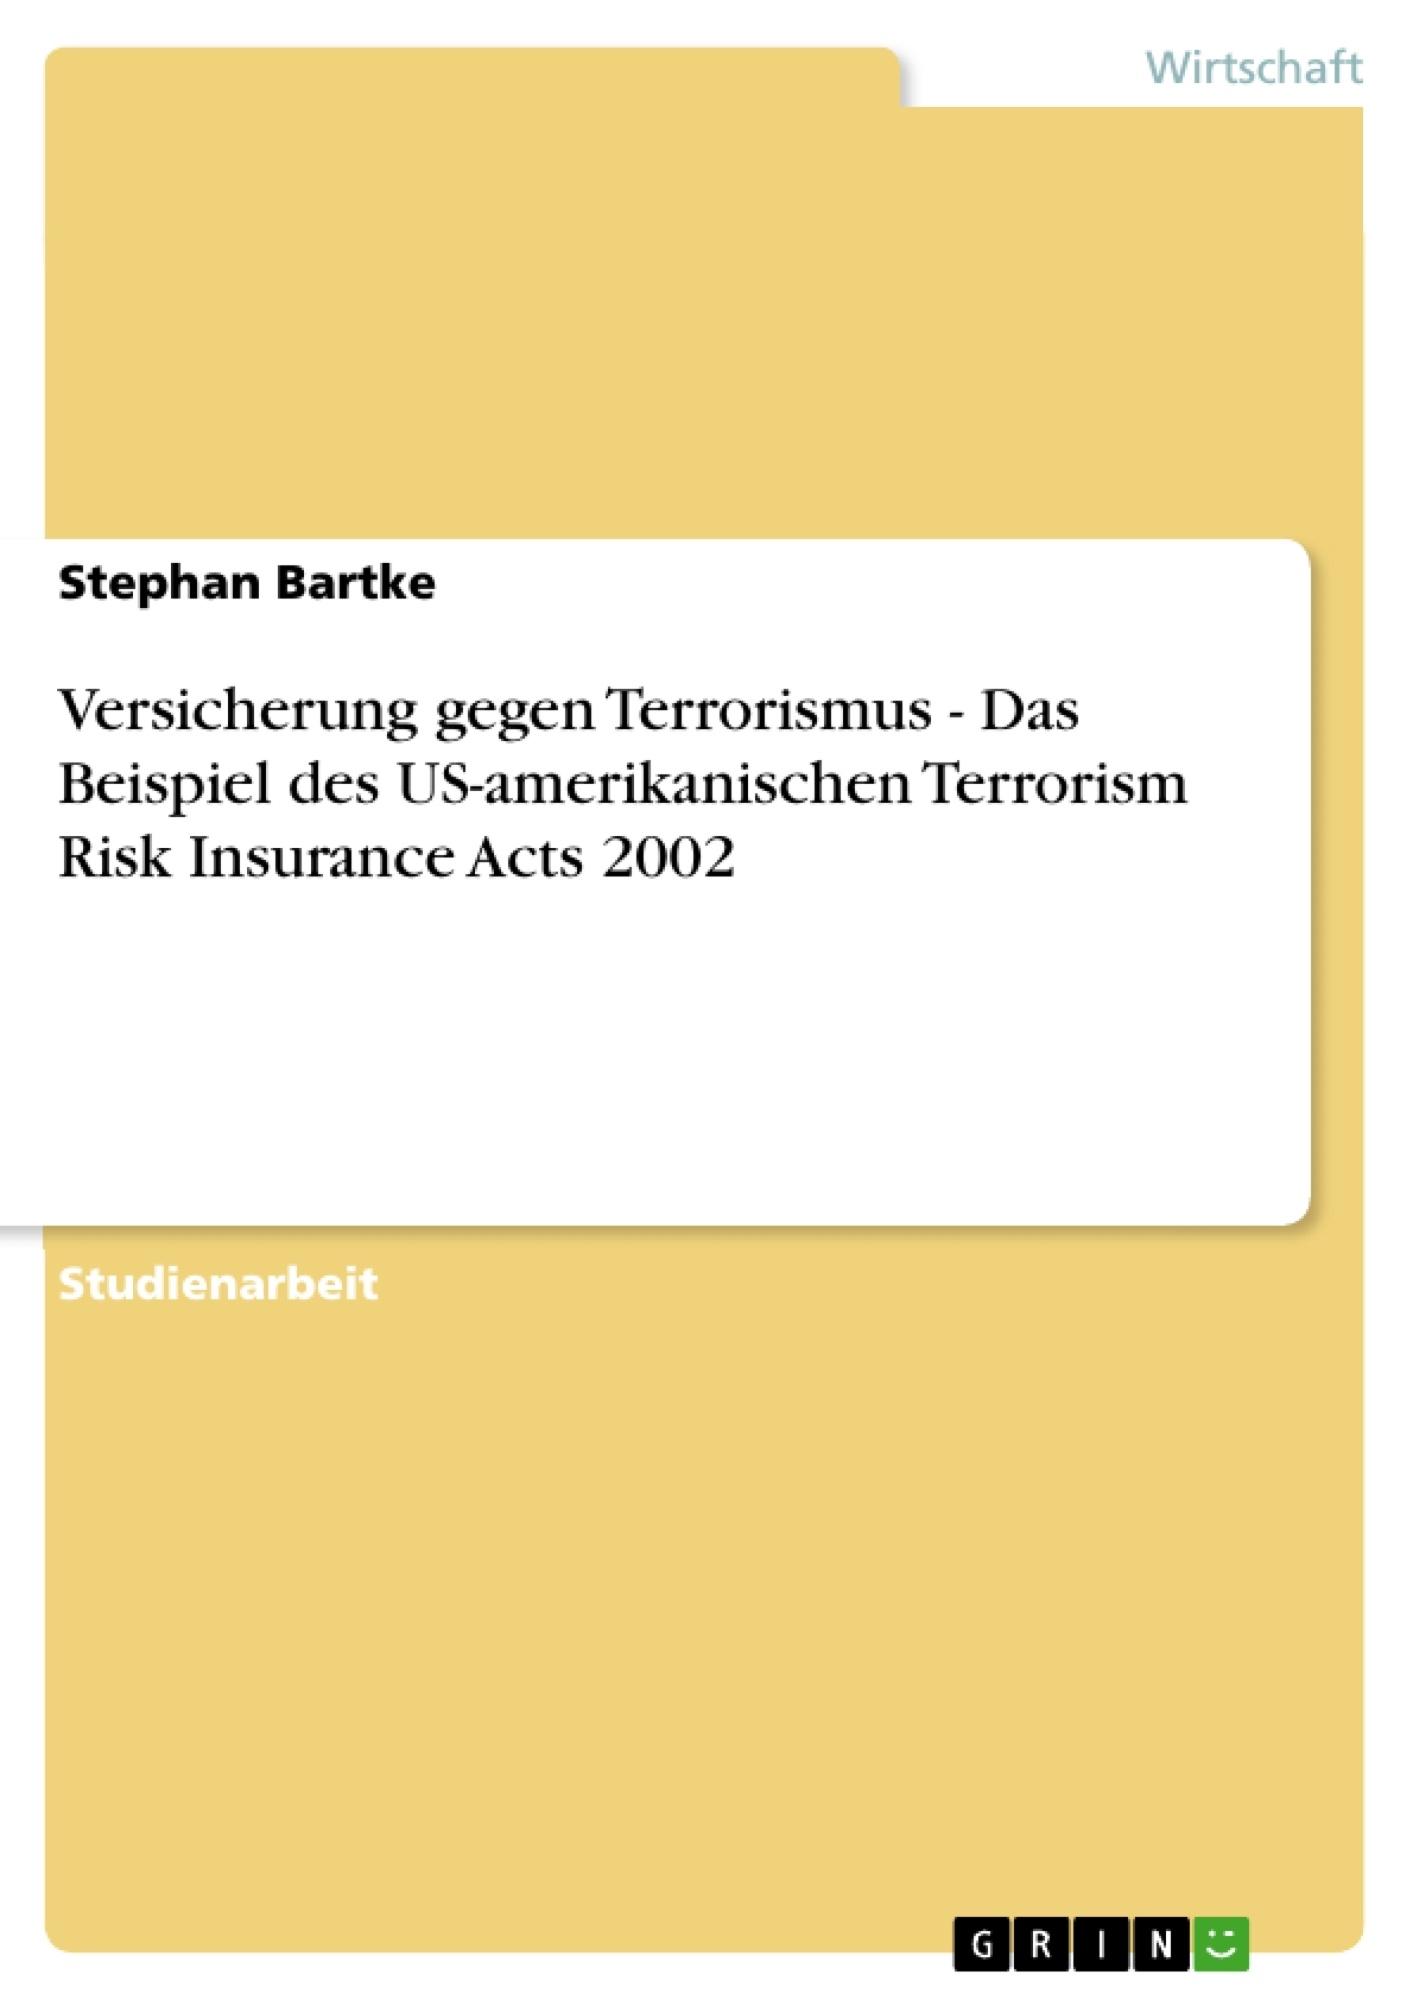 Titel: Versicherung gegen Terrorismus - Das Beispiel des US-amerikanischen Terrorism Risk Insurance Acts 2002